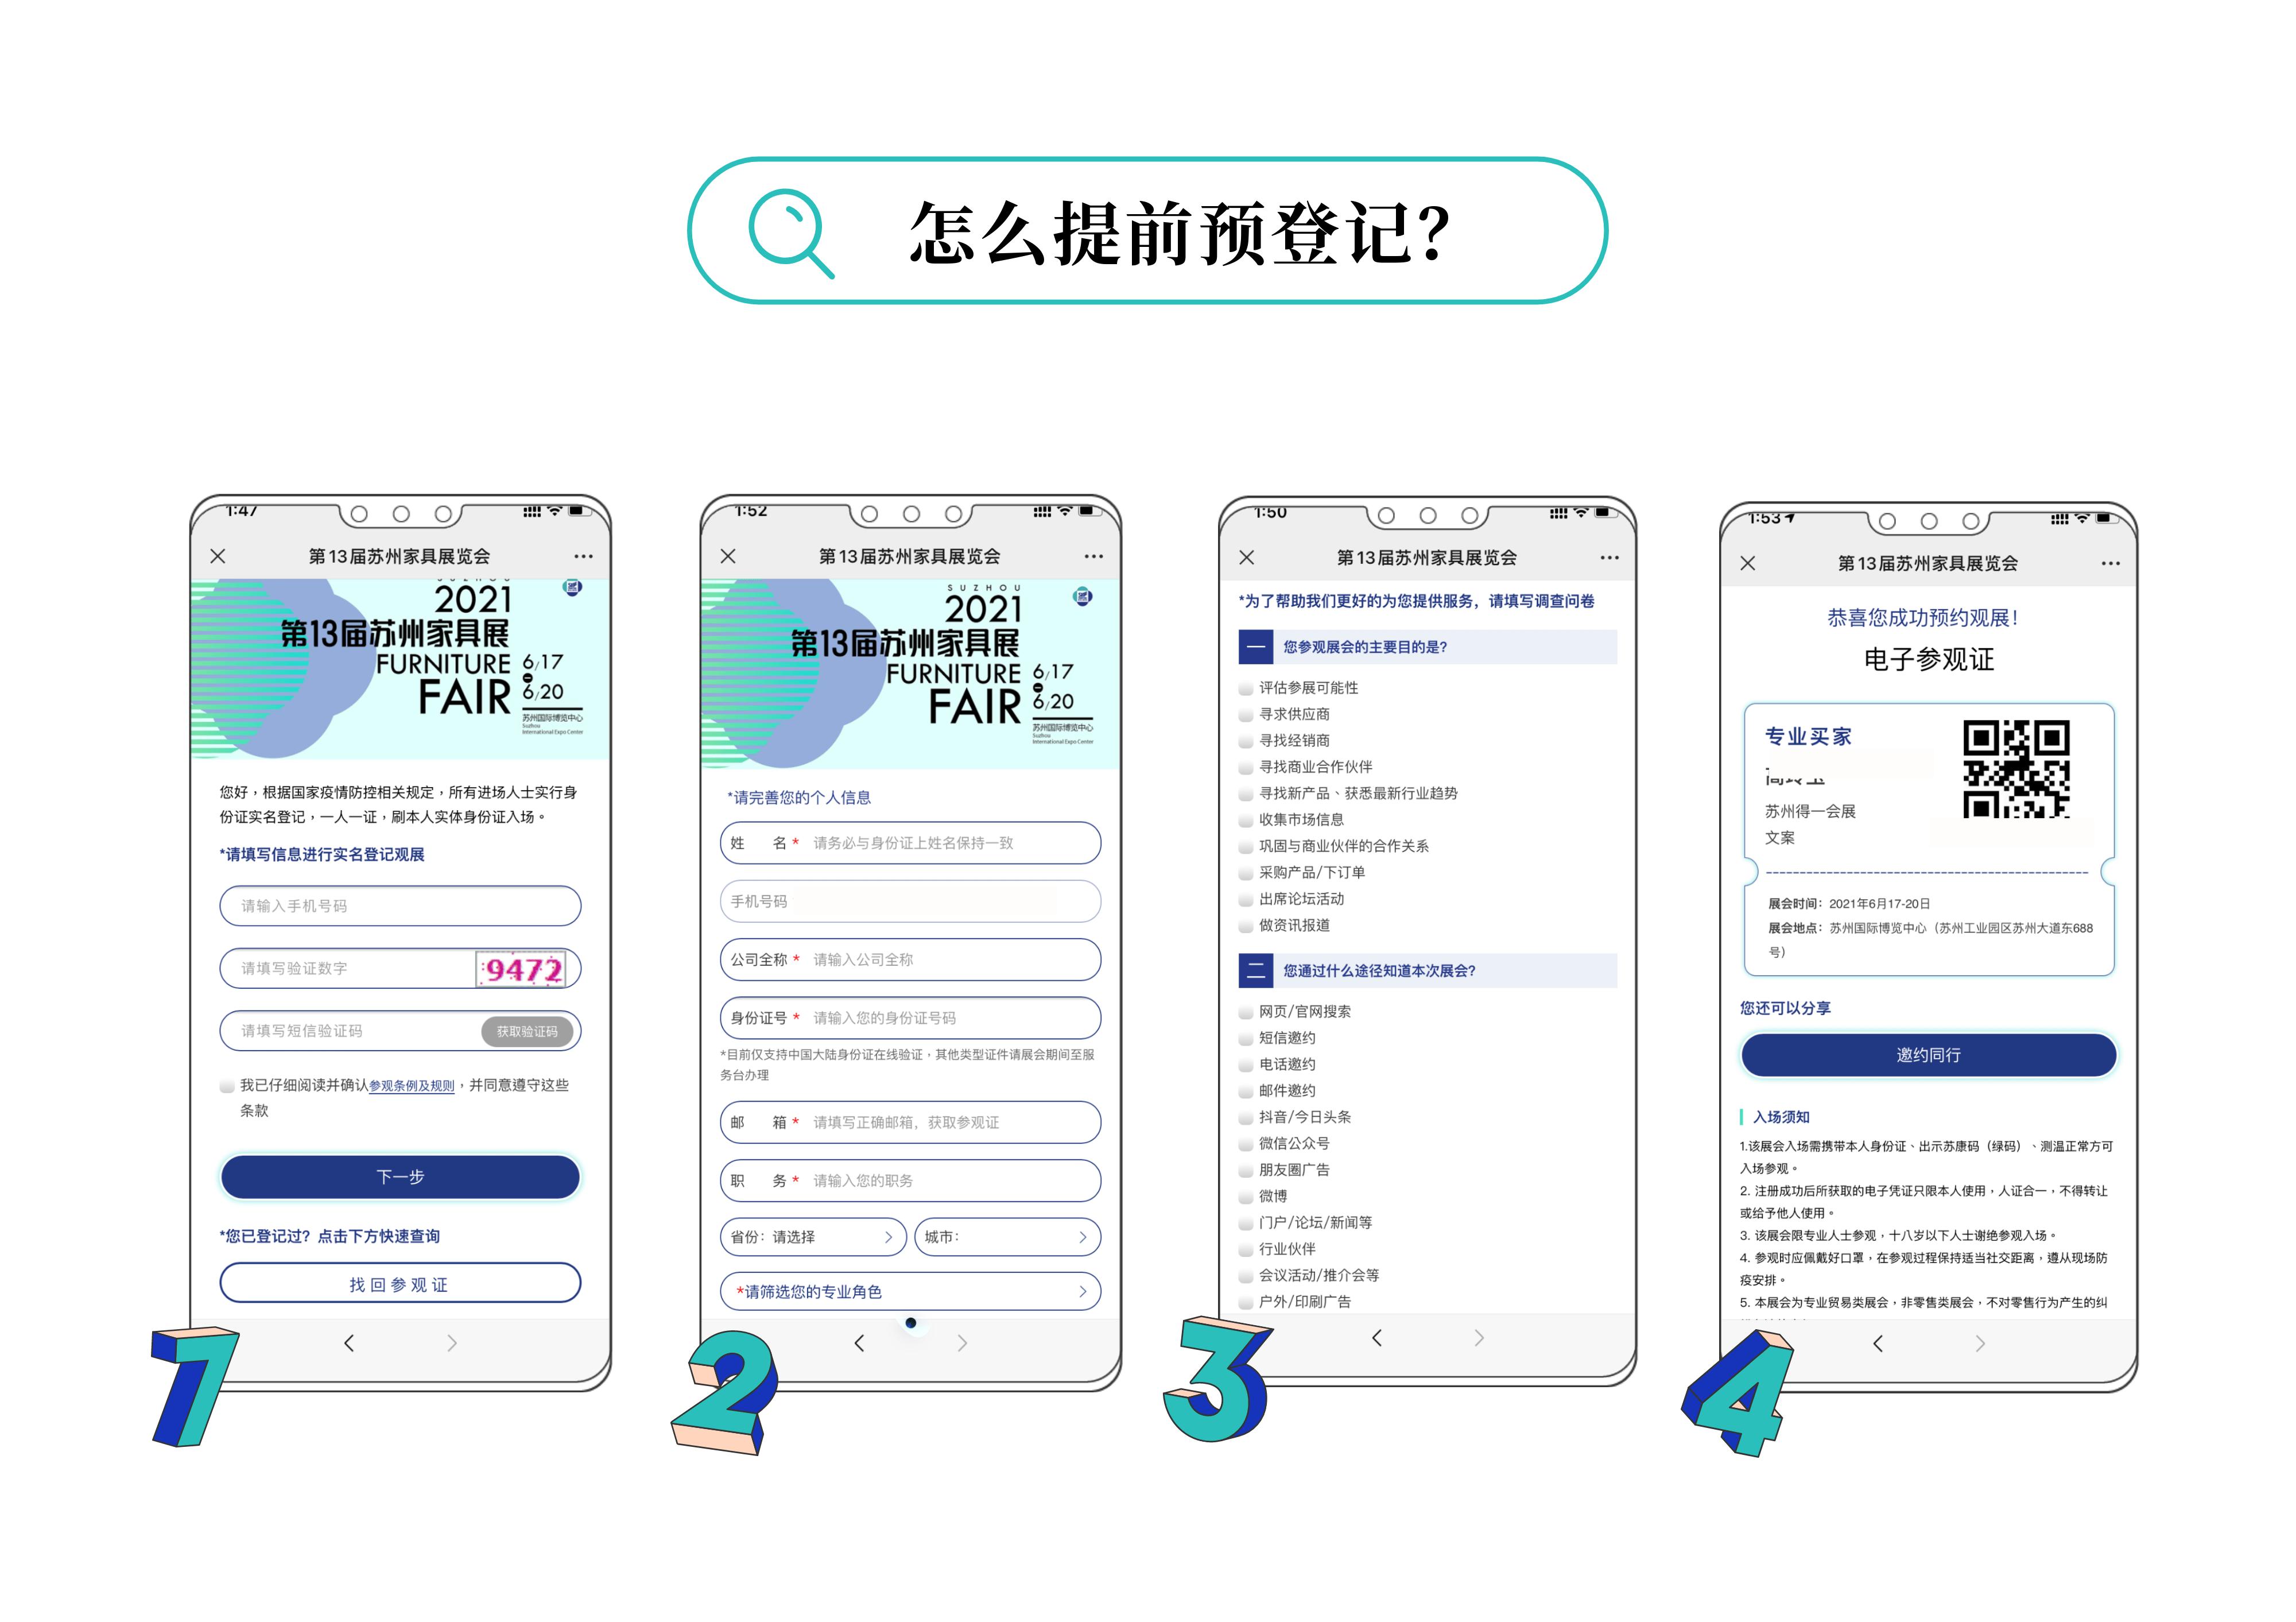 6月國博看蘇州家具展,免費獲取『電子參觀證』!